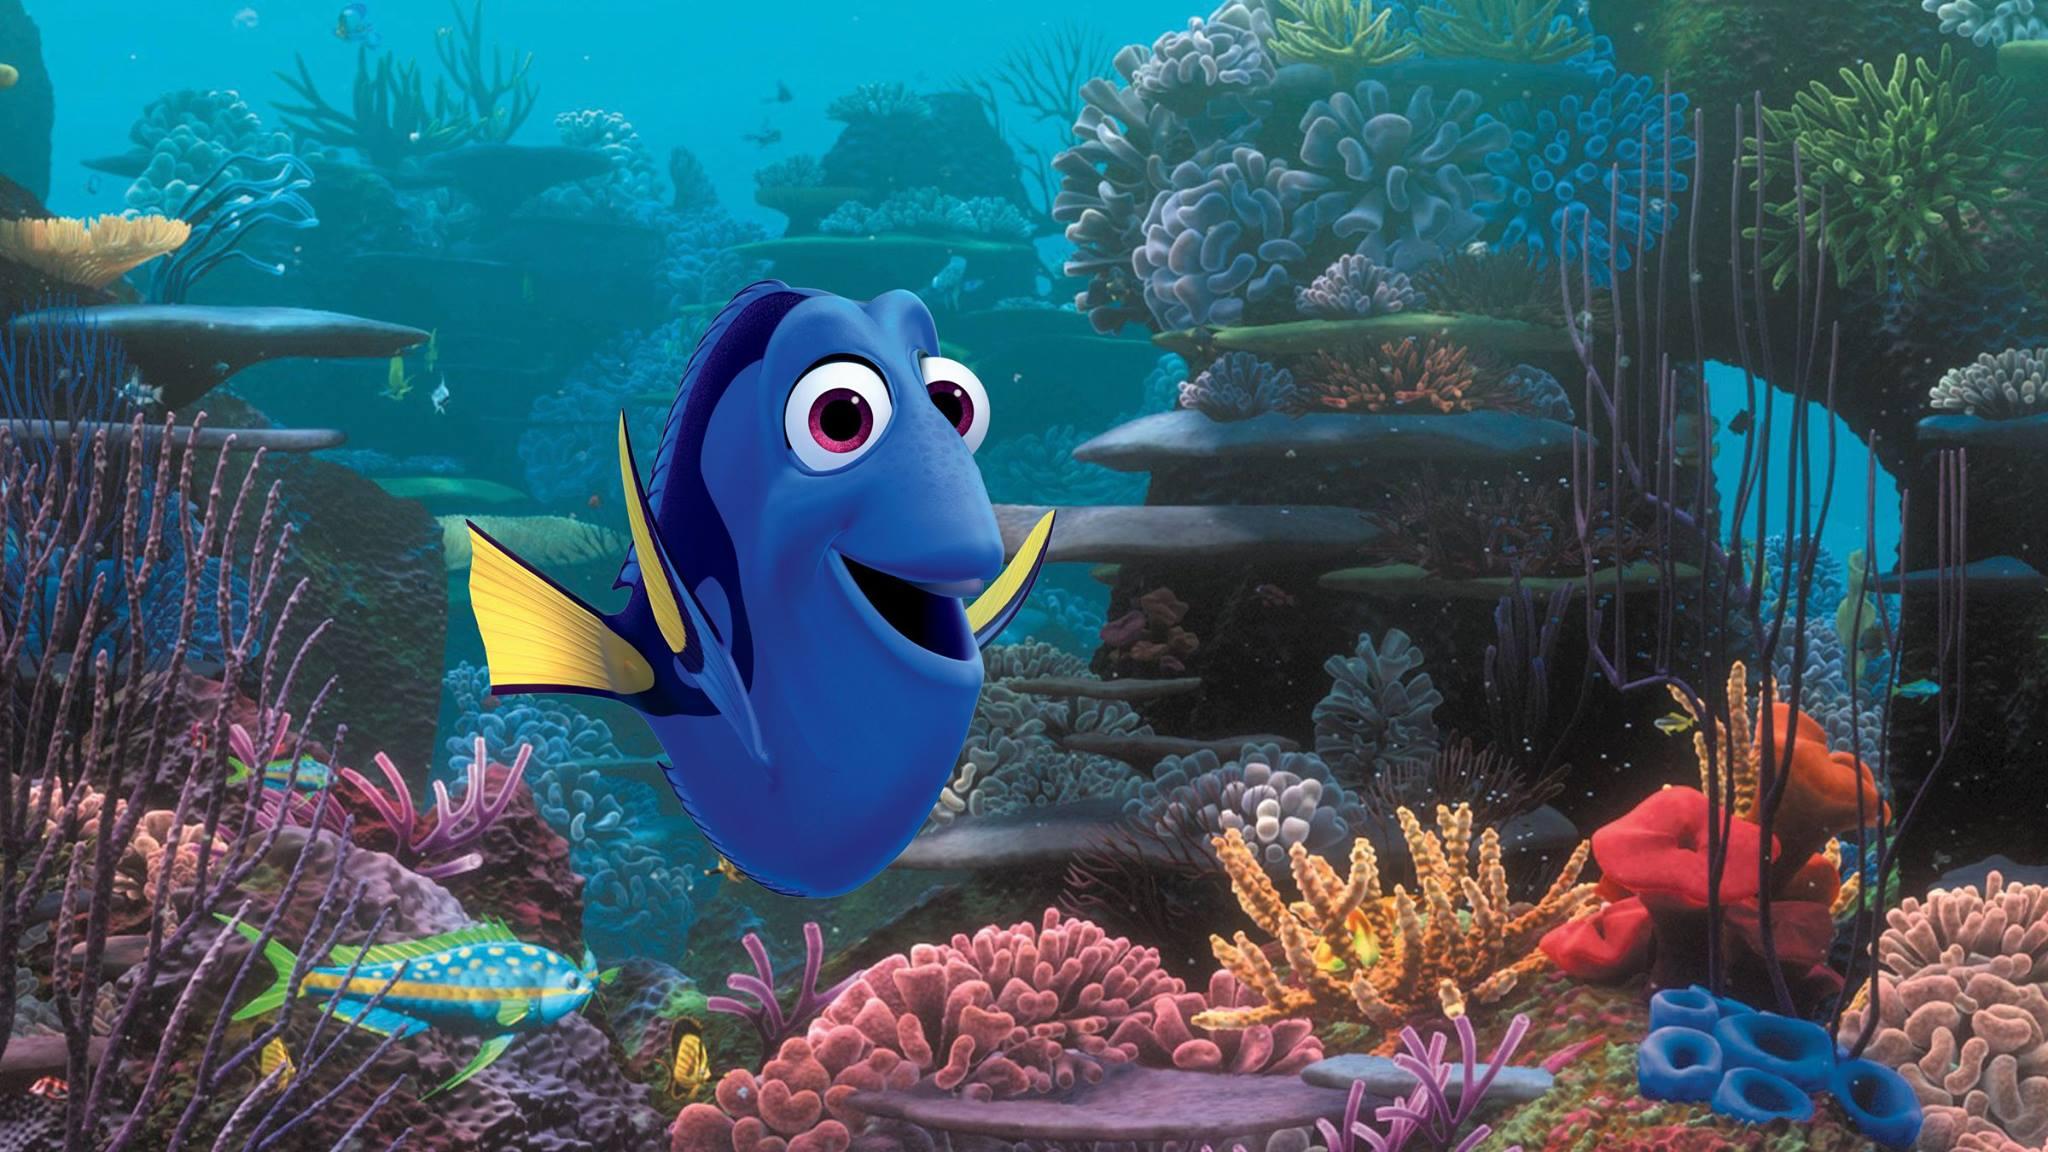 Google Assistant a de l'humour grâce à Pixar